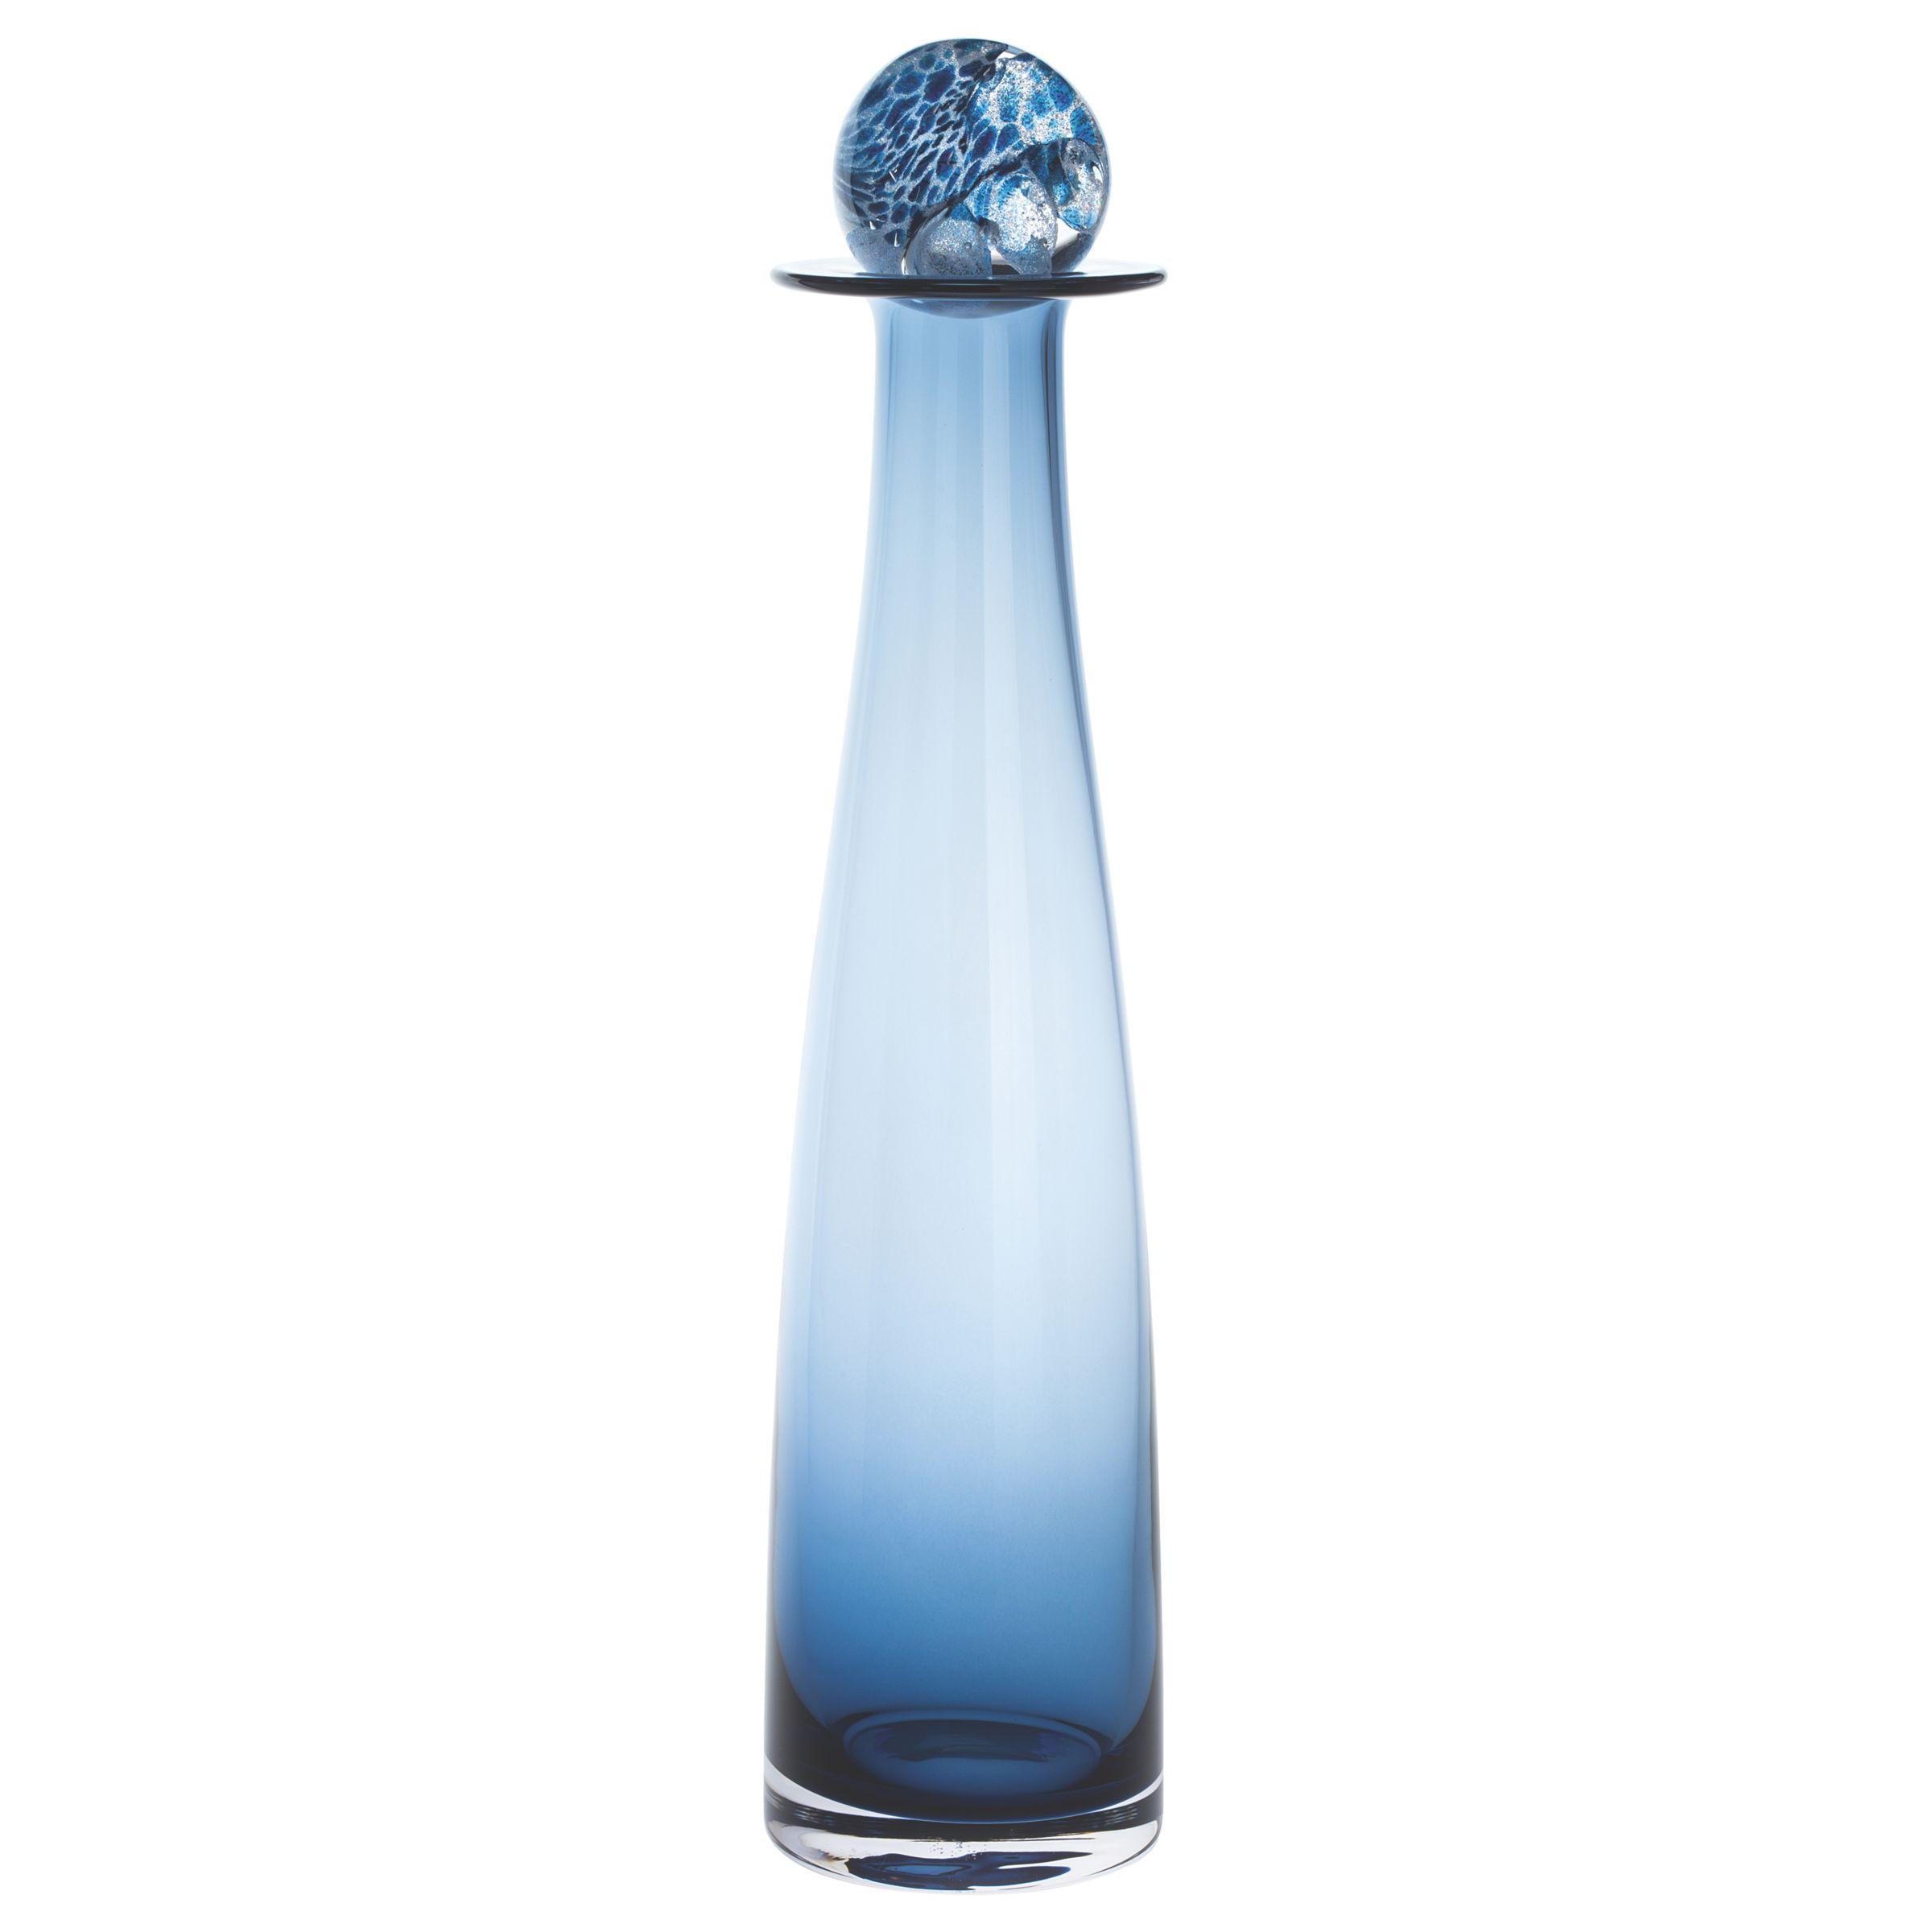 Dartington Crystal Dartington Crystal Large Elgin Bottle, Ink Blue